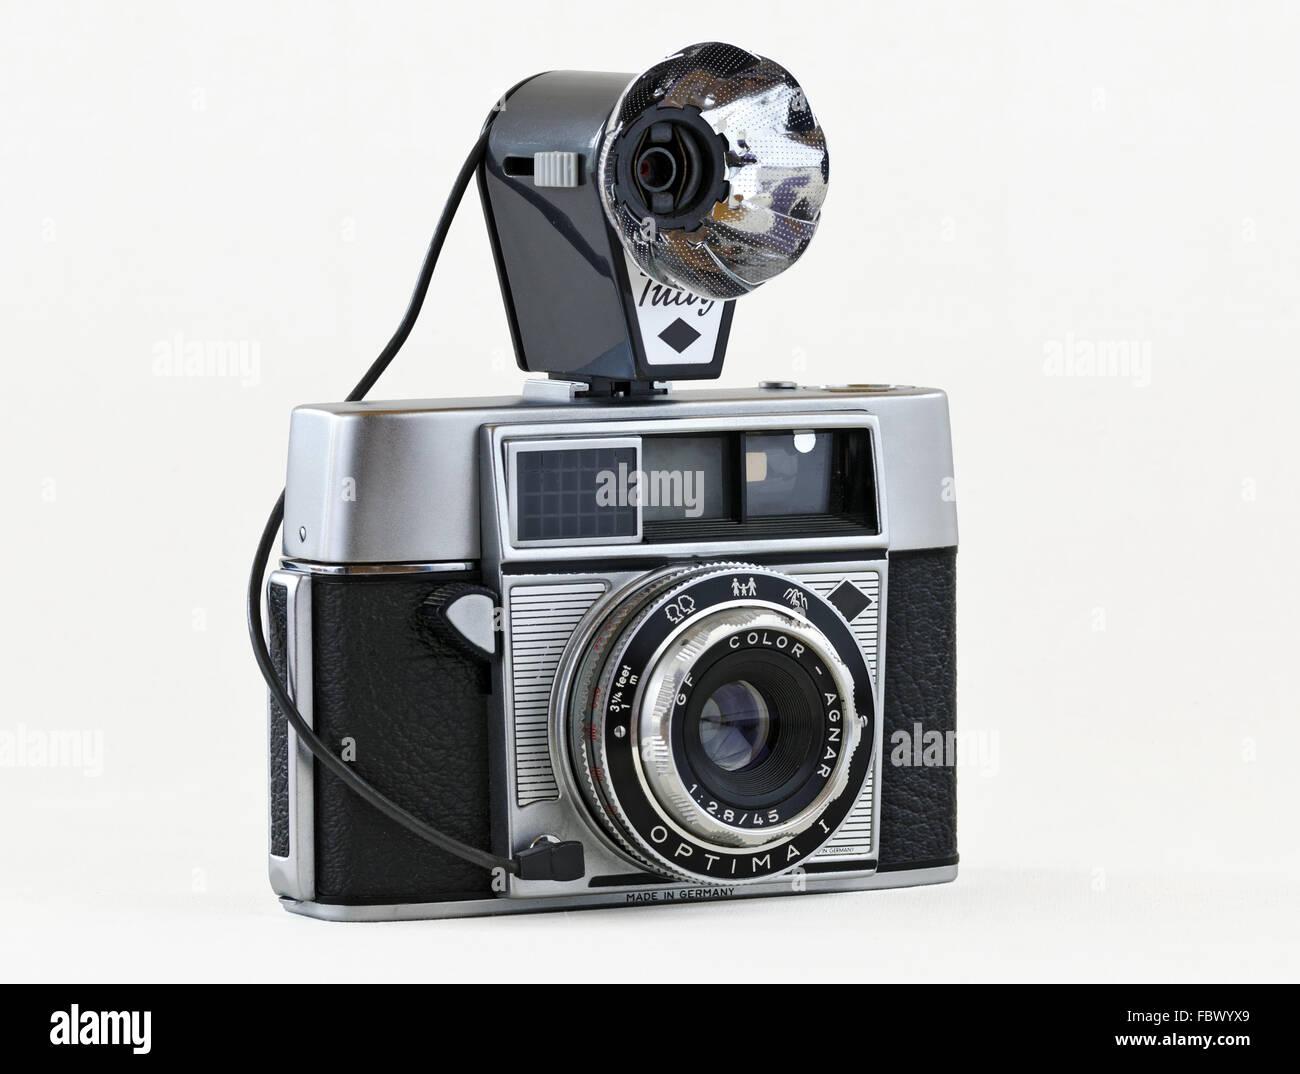 Entfernungsmesser kamera mit faltbaren blitz stockfoto bild